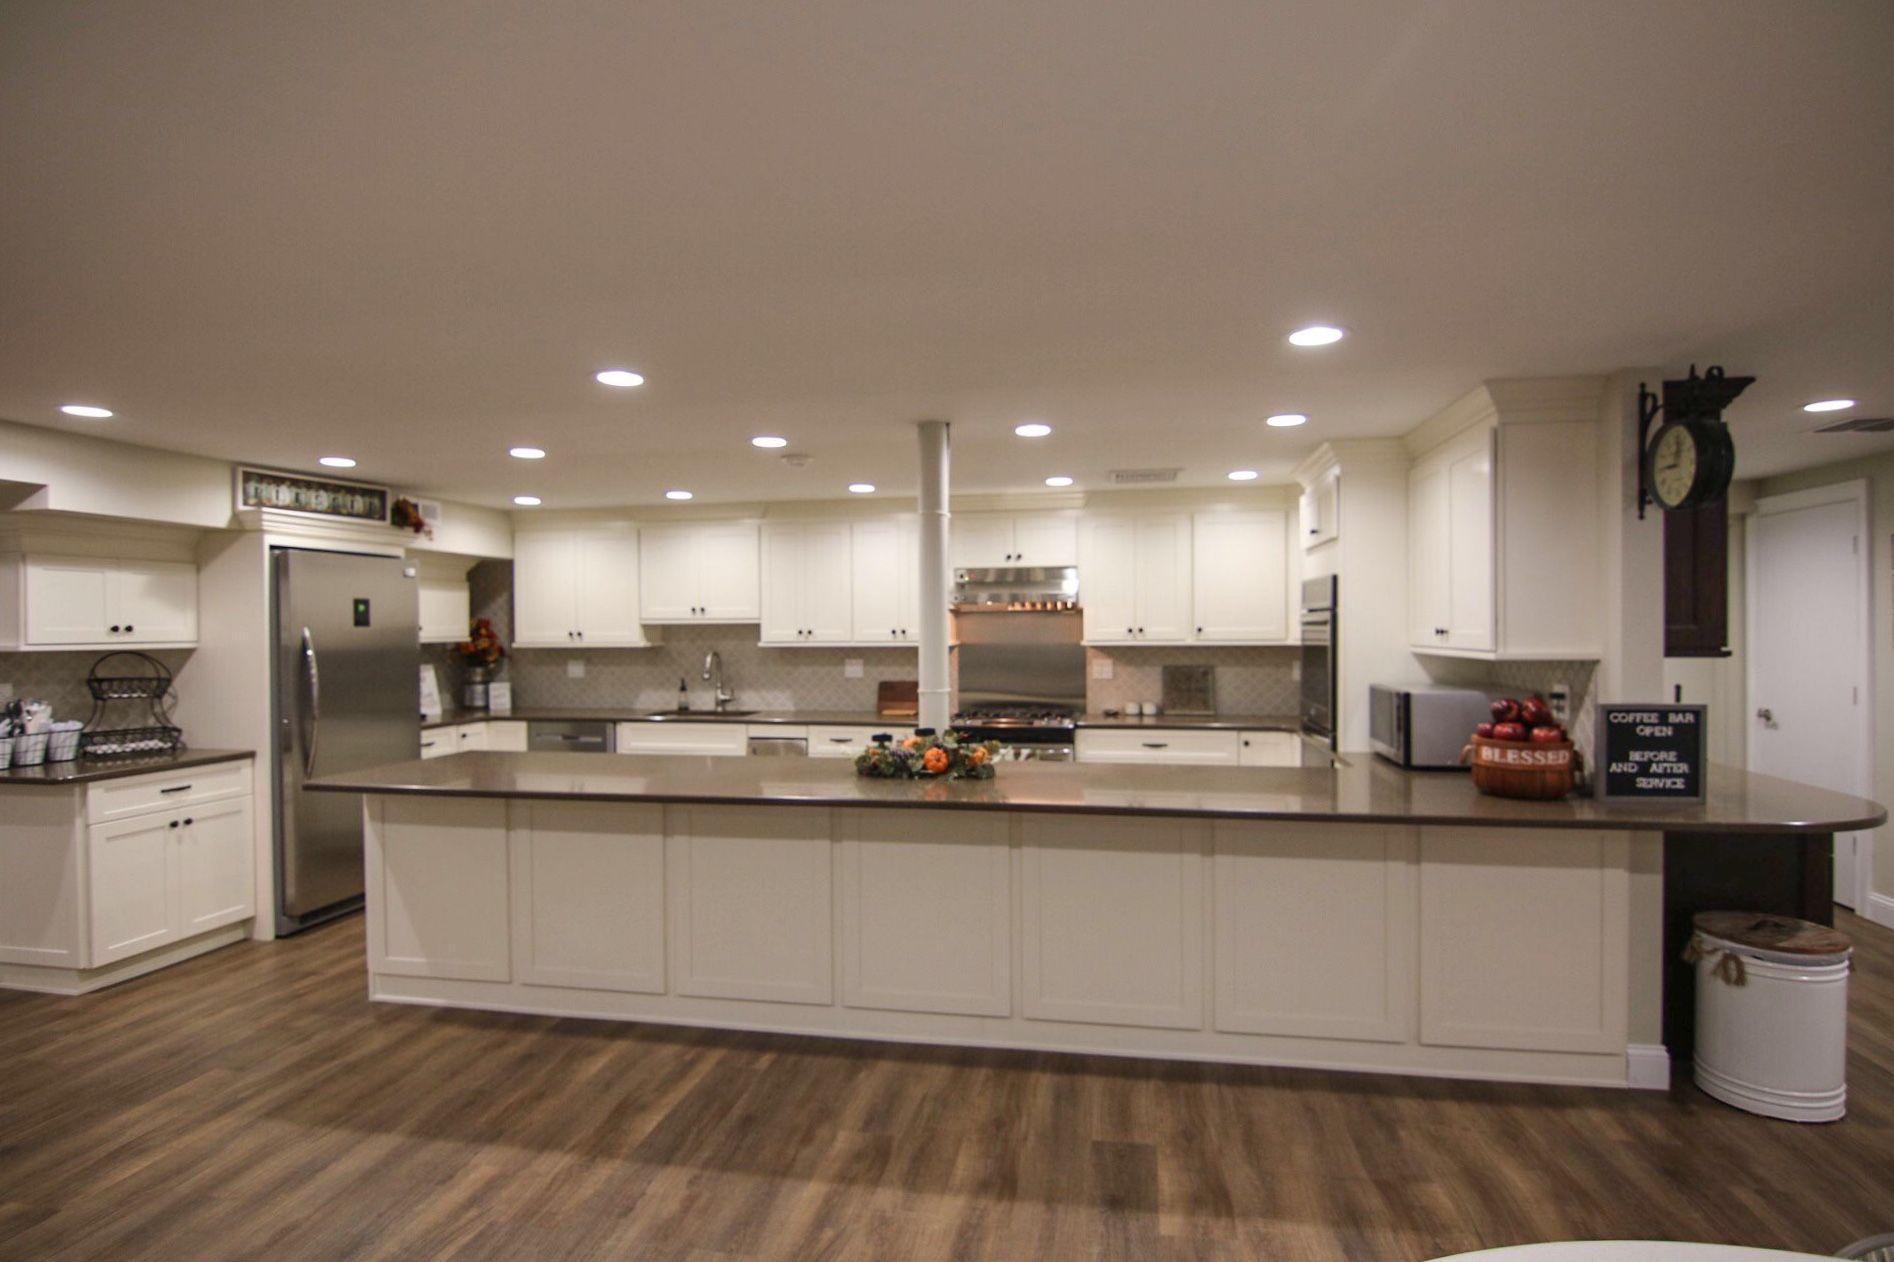 Openconceptkitchen Openconceptliving Openconcepthome Interiordesign Kitchenisland Kitchenislandseating K Kitchen Renovation Home Kitchens Kitchen Design